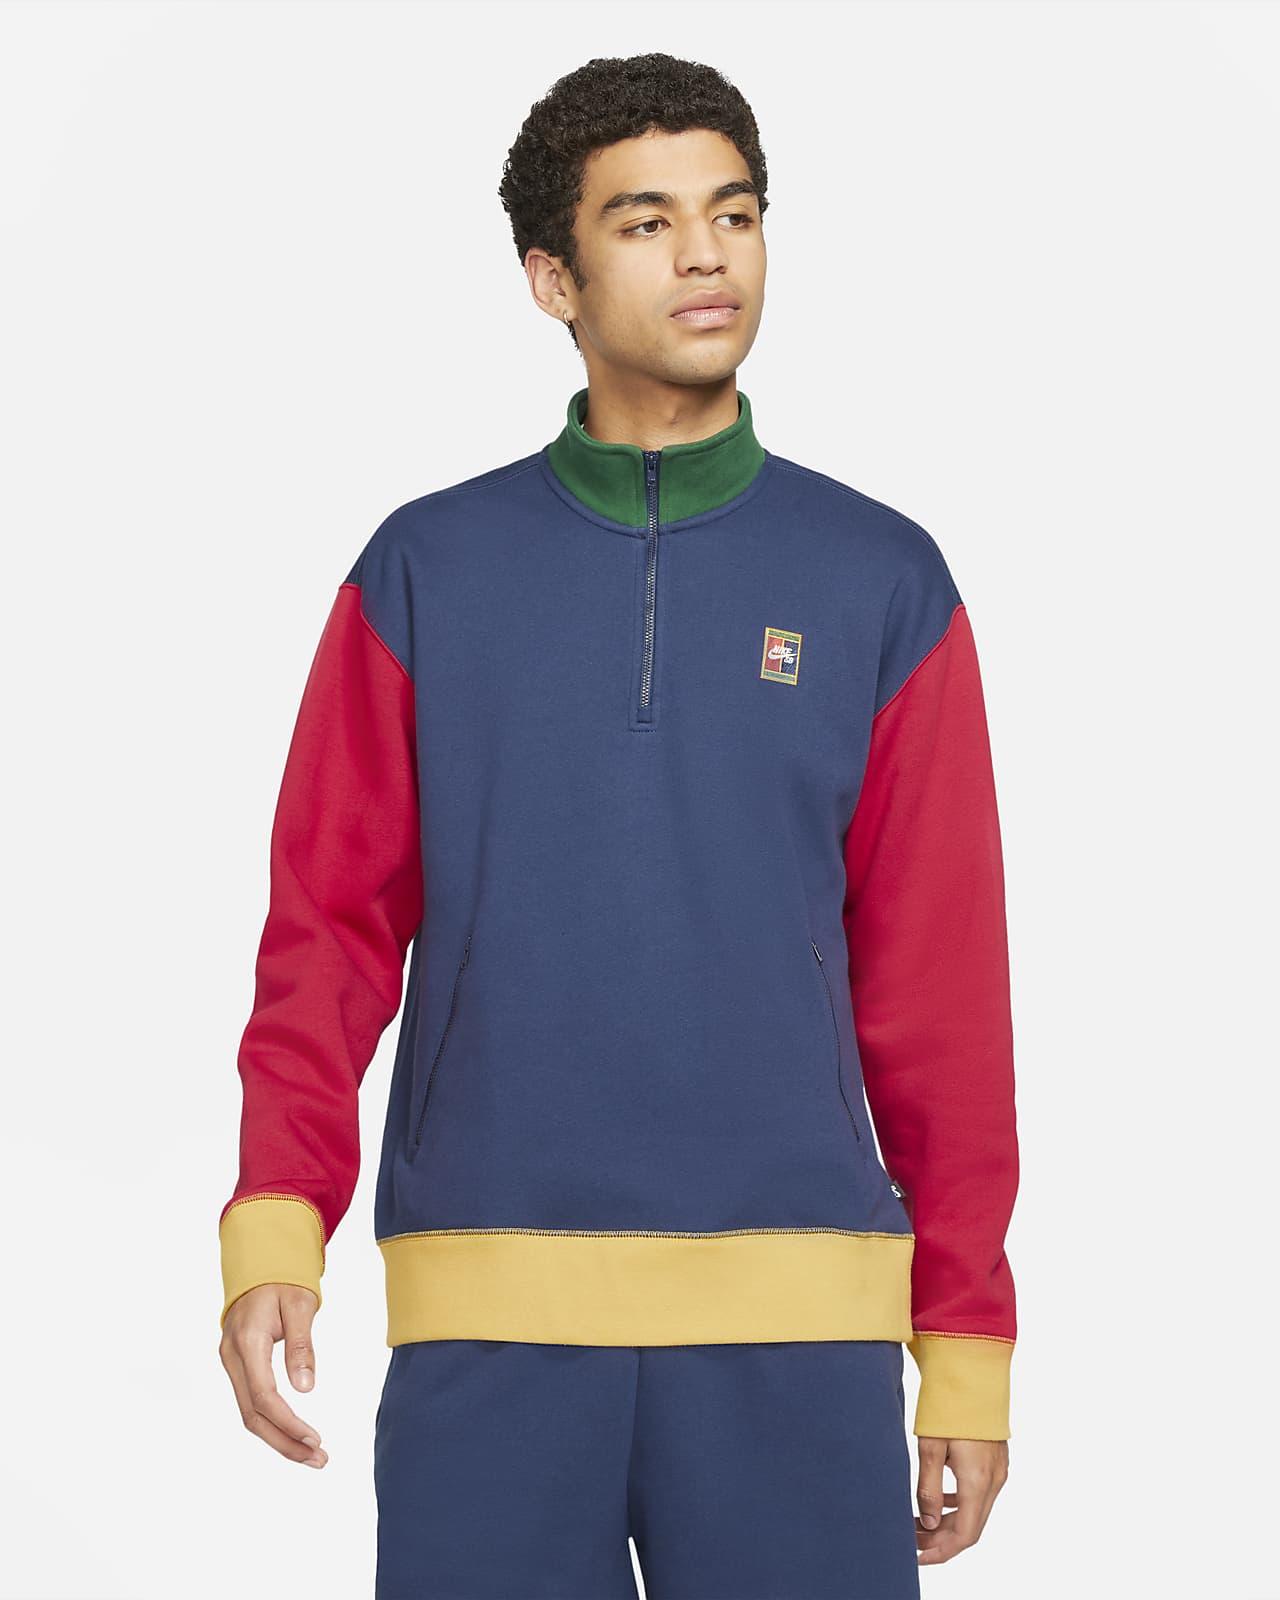 Koszulka z grafiką i zamkiem 1/2 do skateboardingu Nike SB